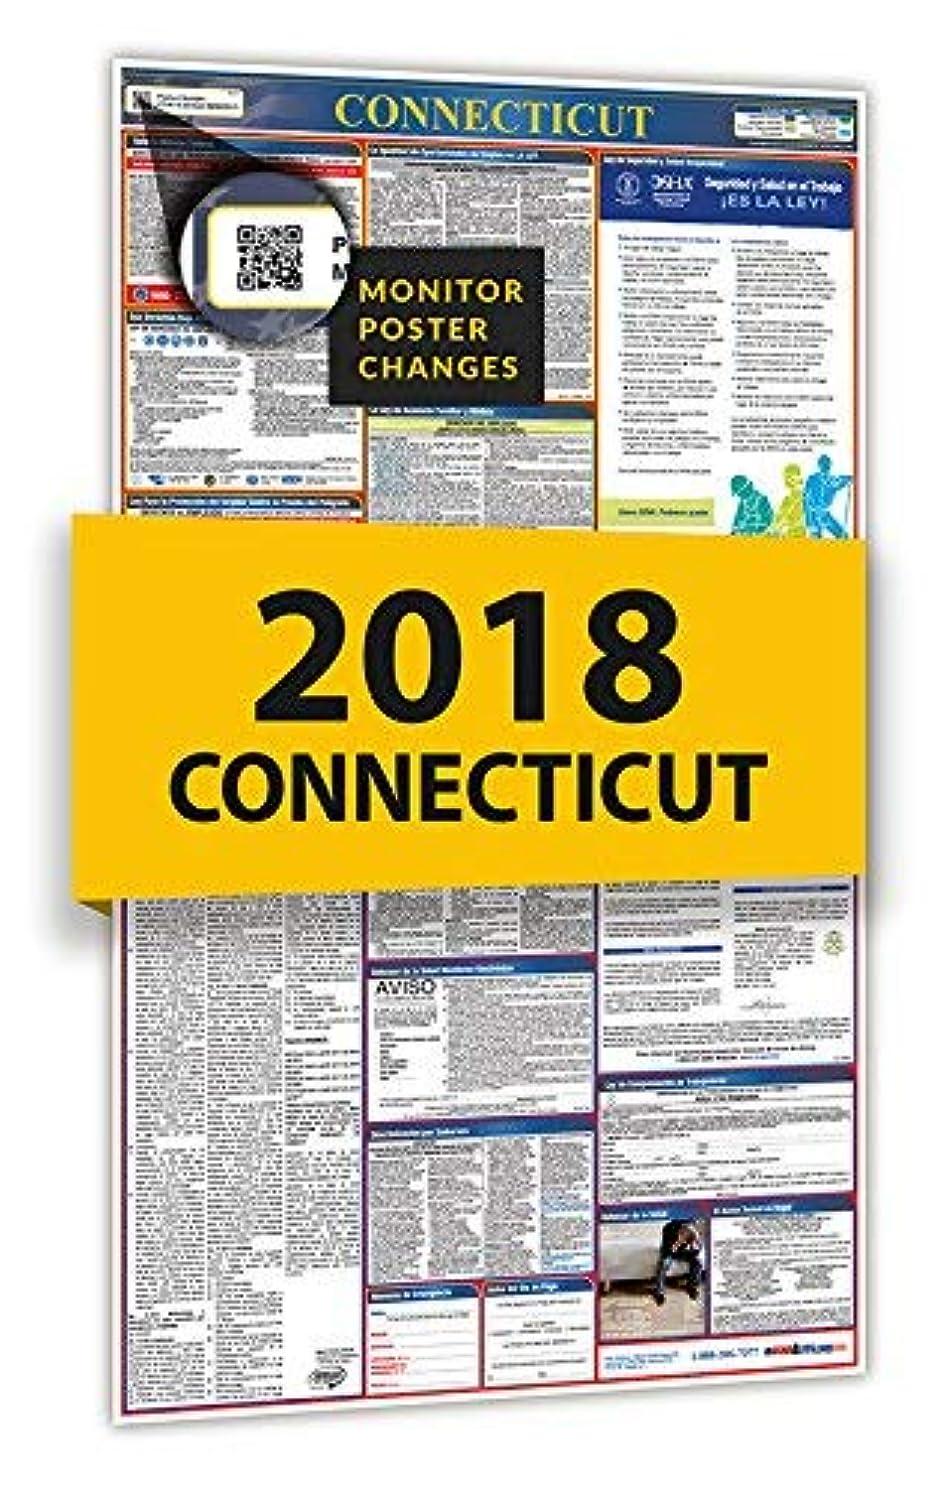 鼻連続した鑑定2018 Connecticut Spanish All in One Labor Law Poster [並行輸入品]